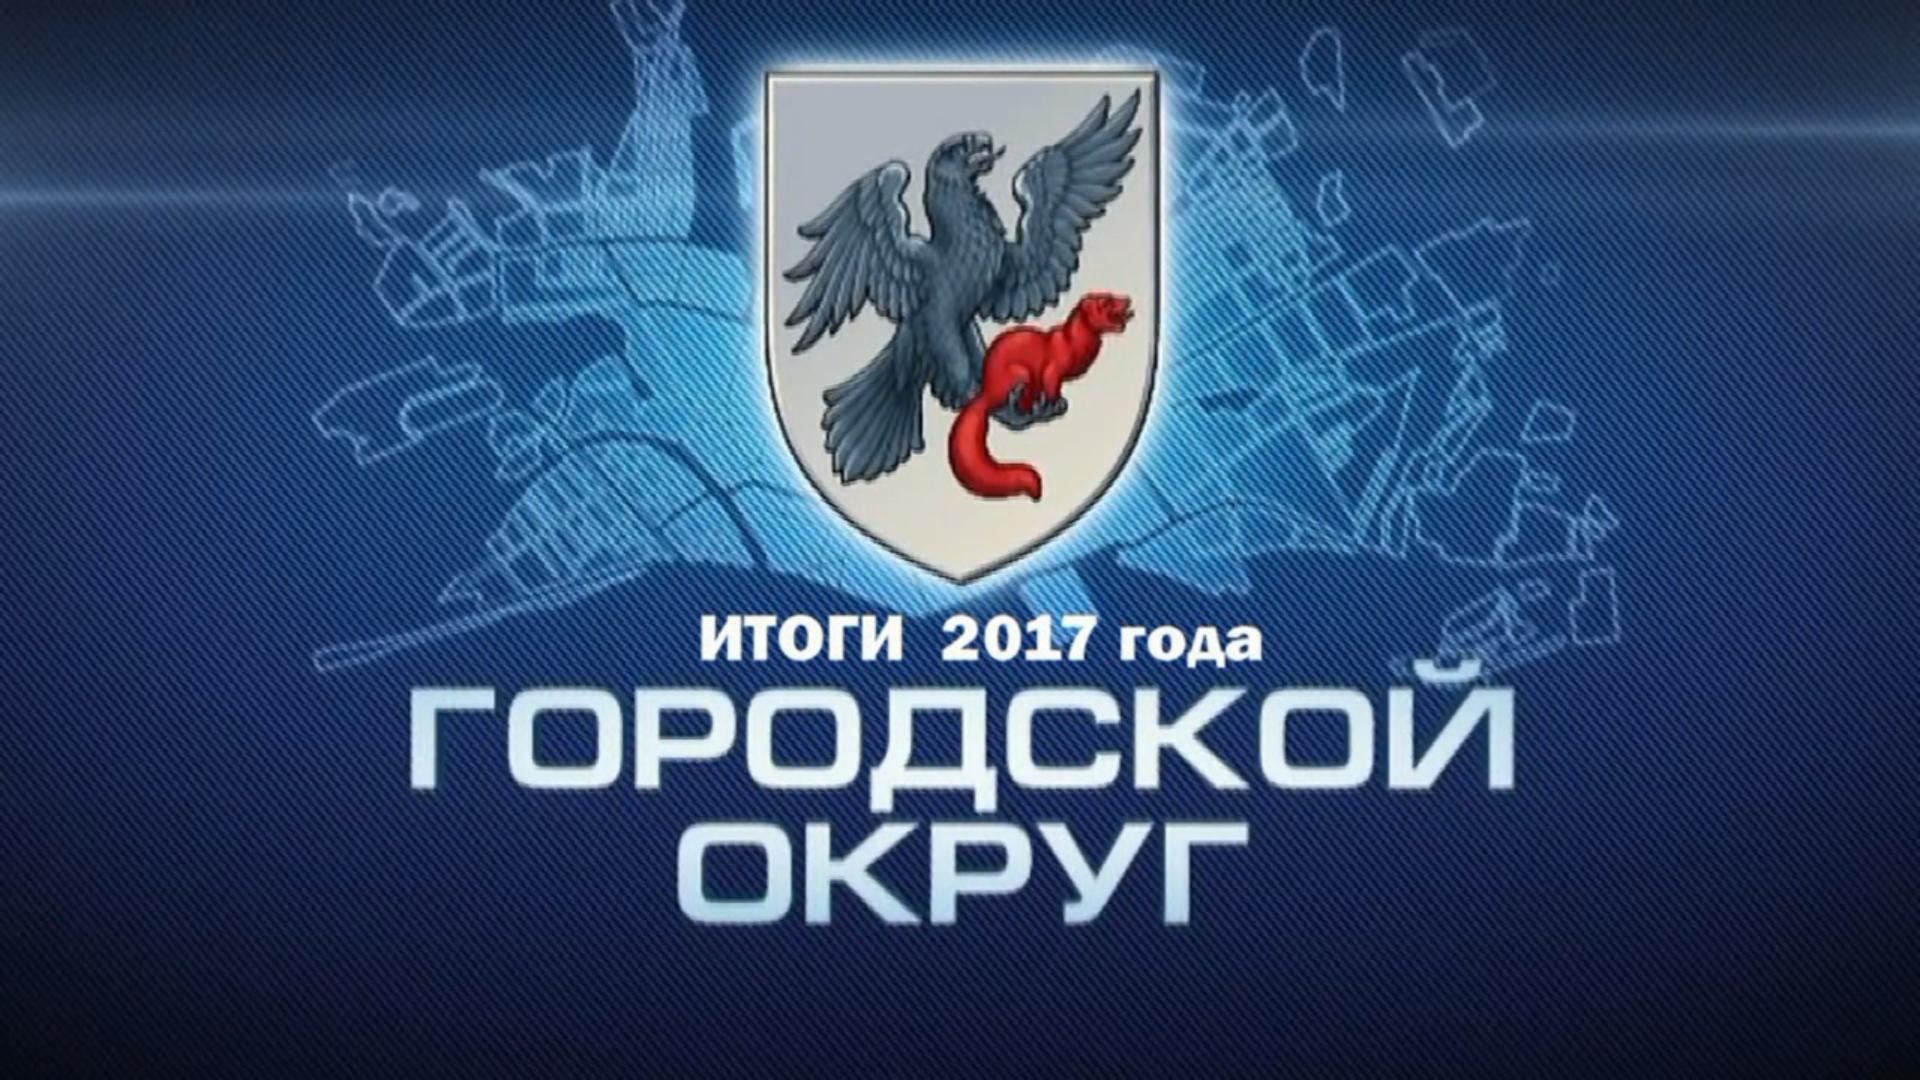 Итоги деятельности Окружной администрации города Якутска за 2017 год